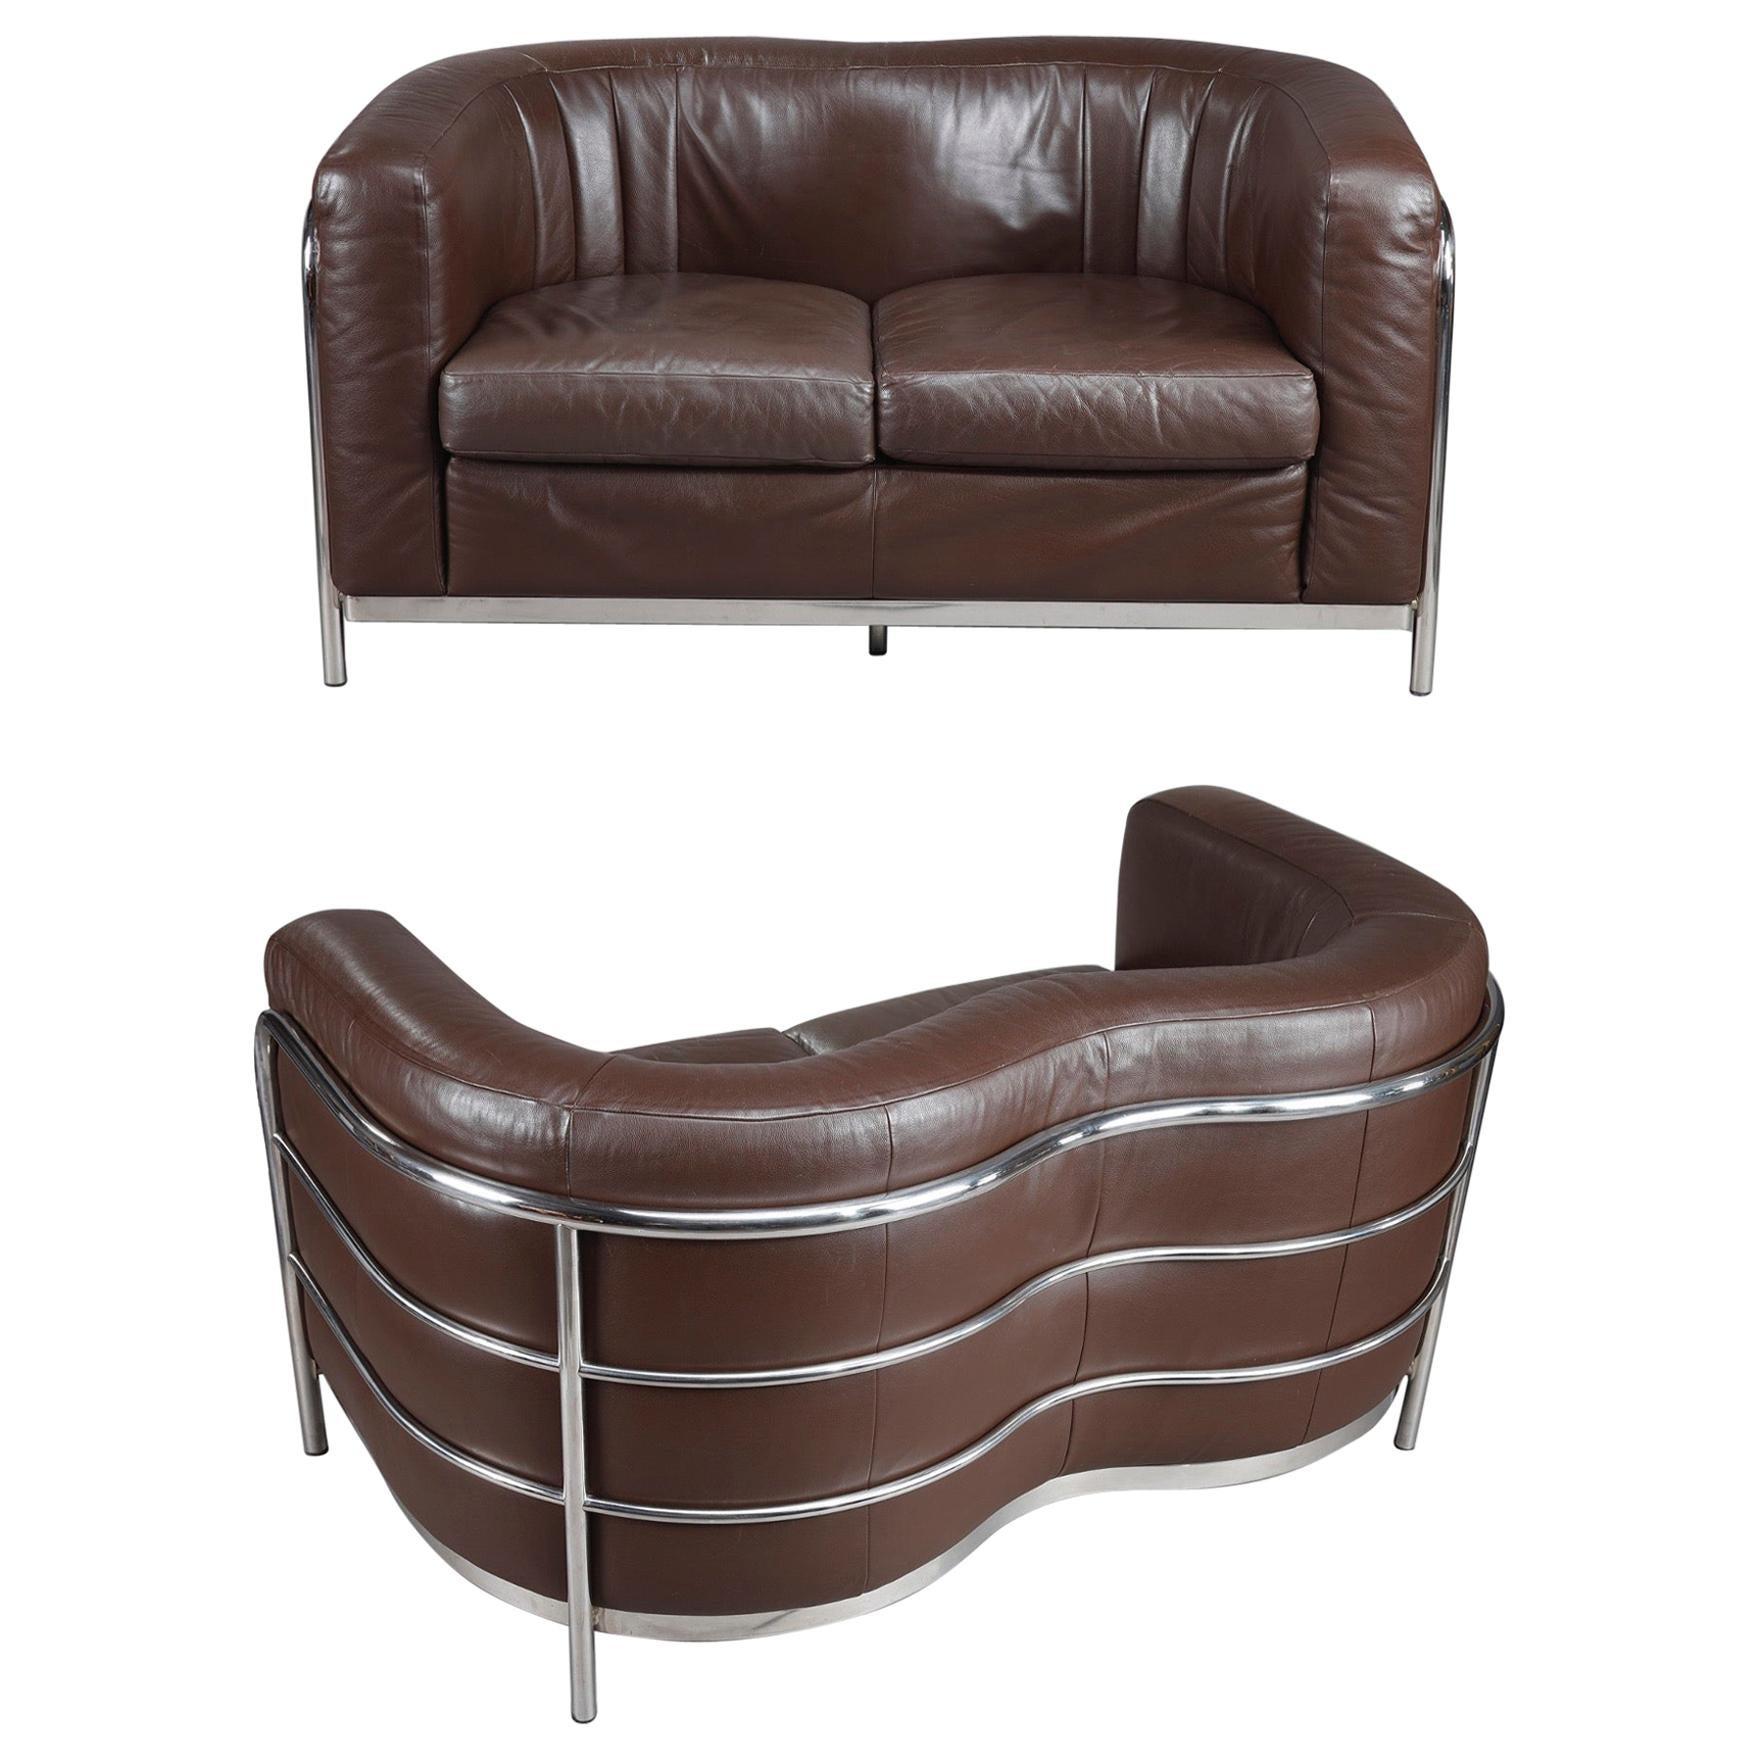 """Two-Seat Sofa by Zanotta, """"Onda, Italy"""